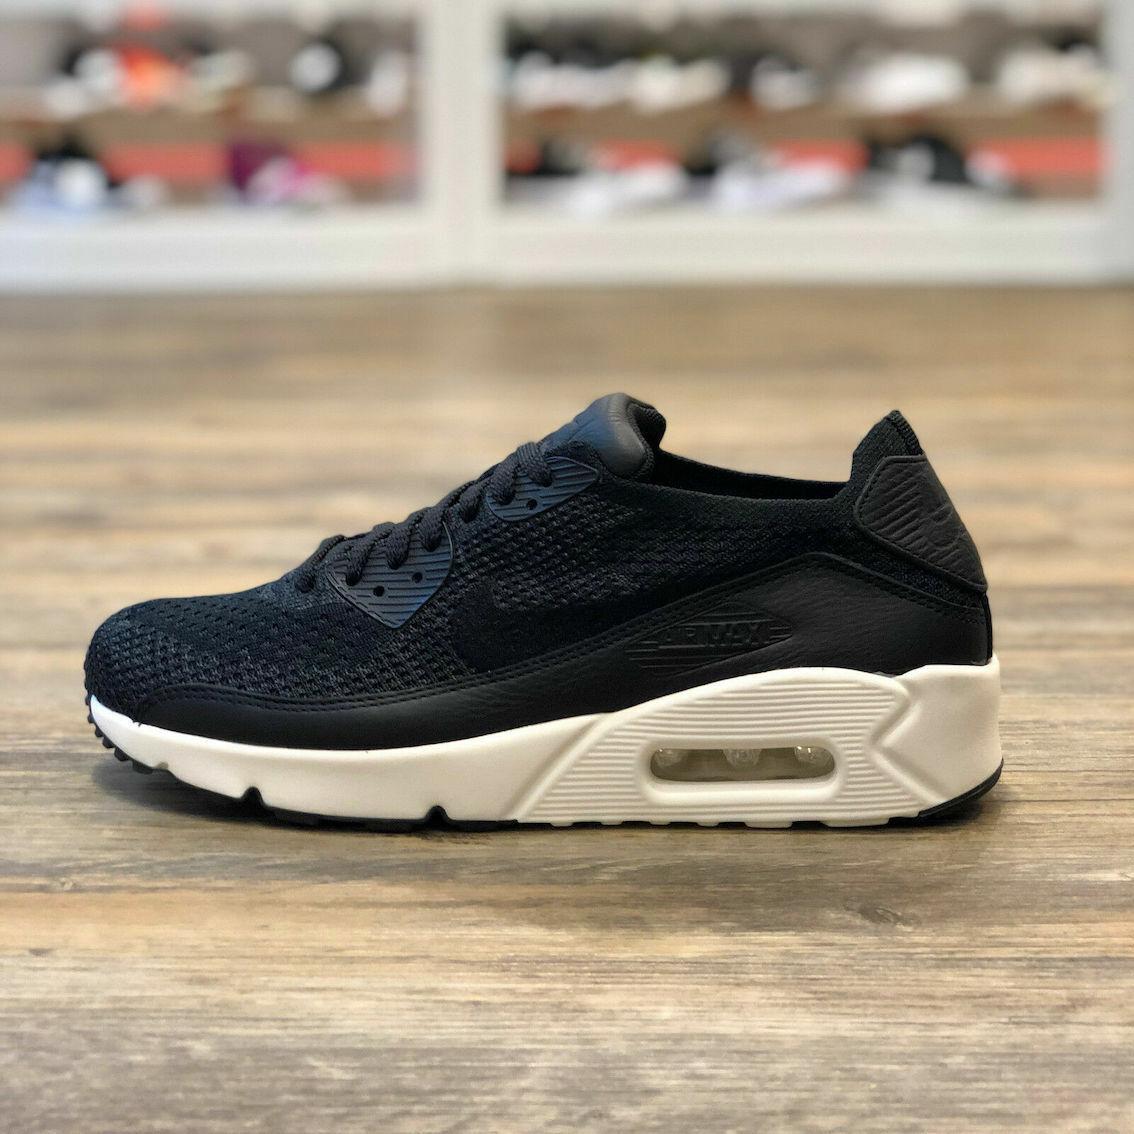 Nike Air Max 90 Ultra Flyknit Gr.38,5 Schuhe Turnschuhe schwarz weiß Neu 876320 001